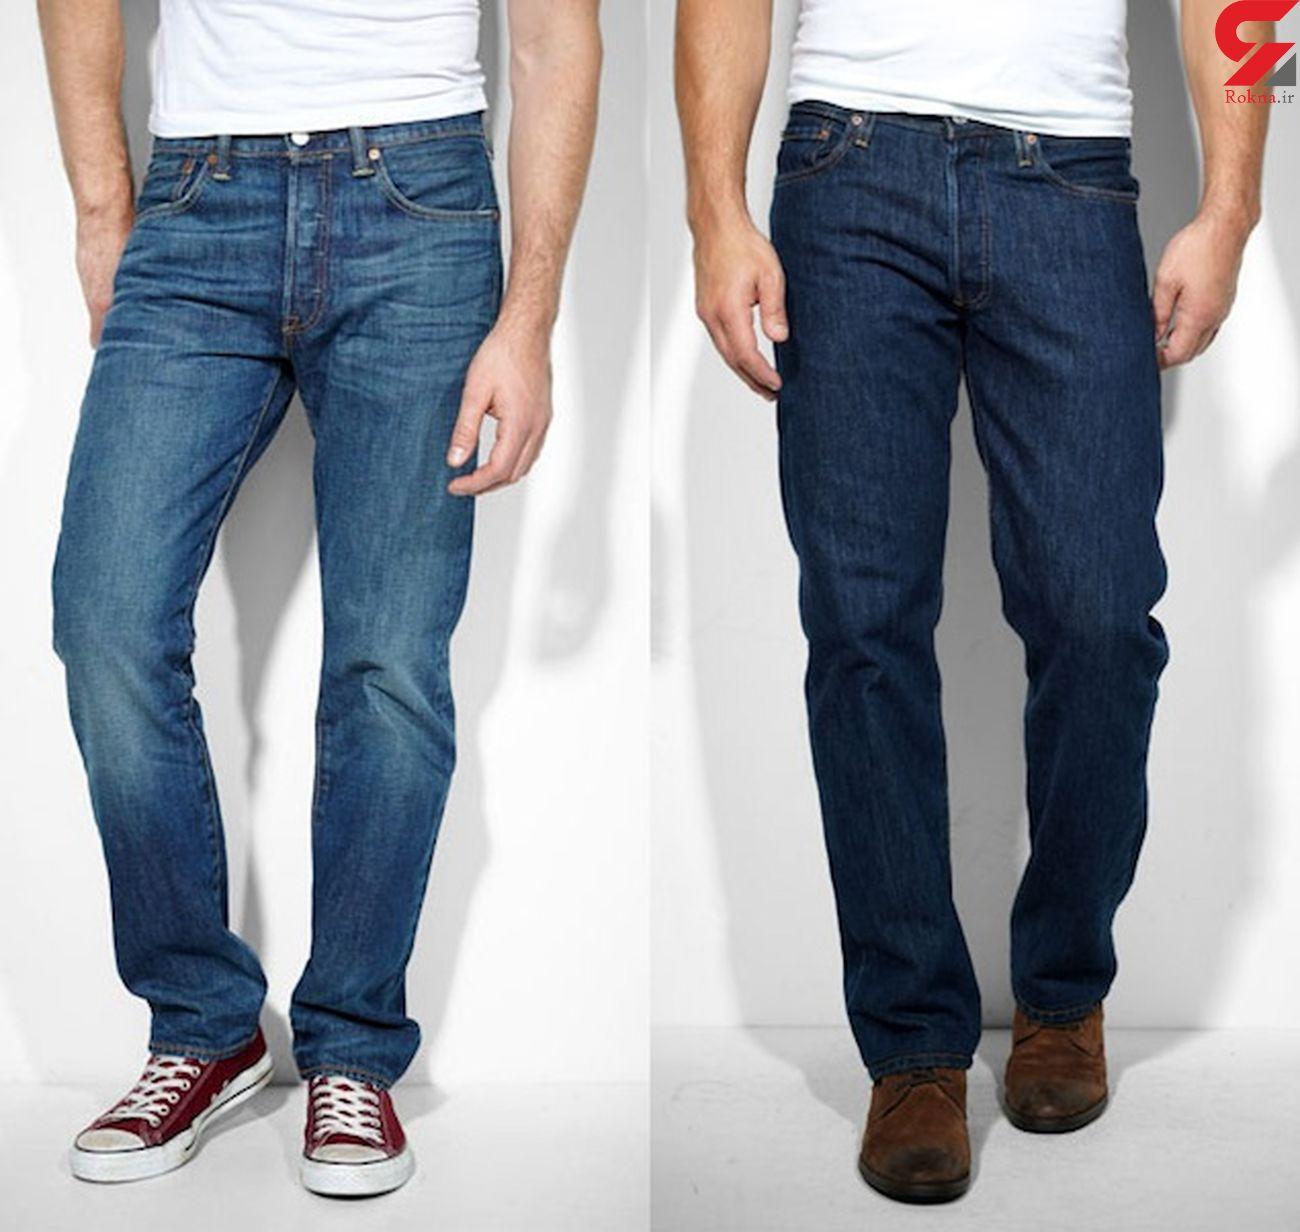 قانون ست کردن پیراهن جین مردانه/لباسی که مردان را جذاب تر می کند